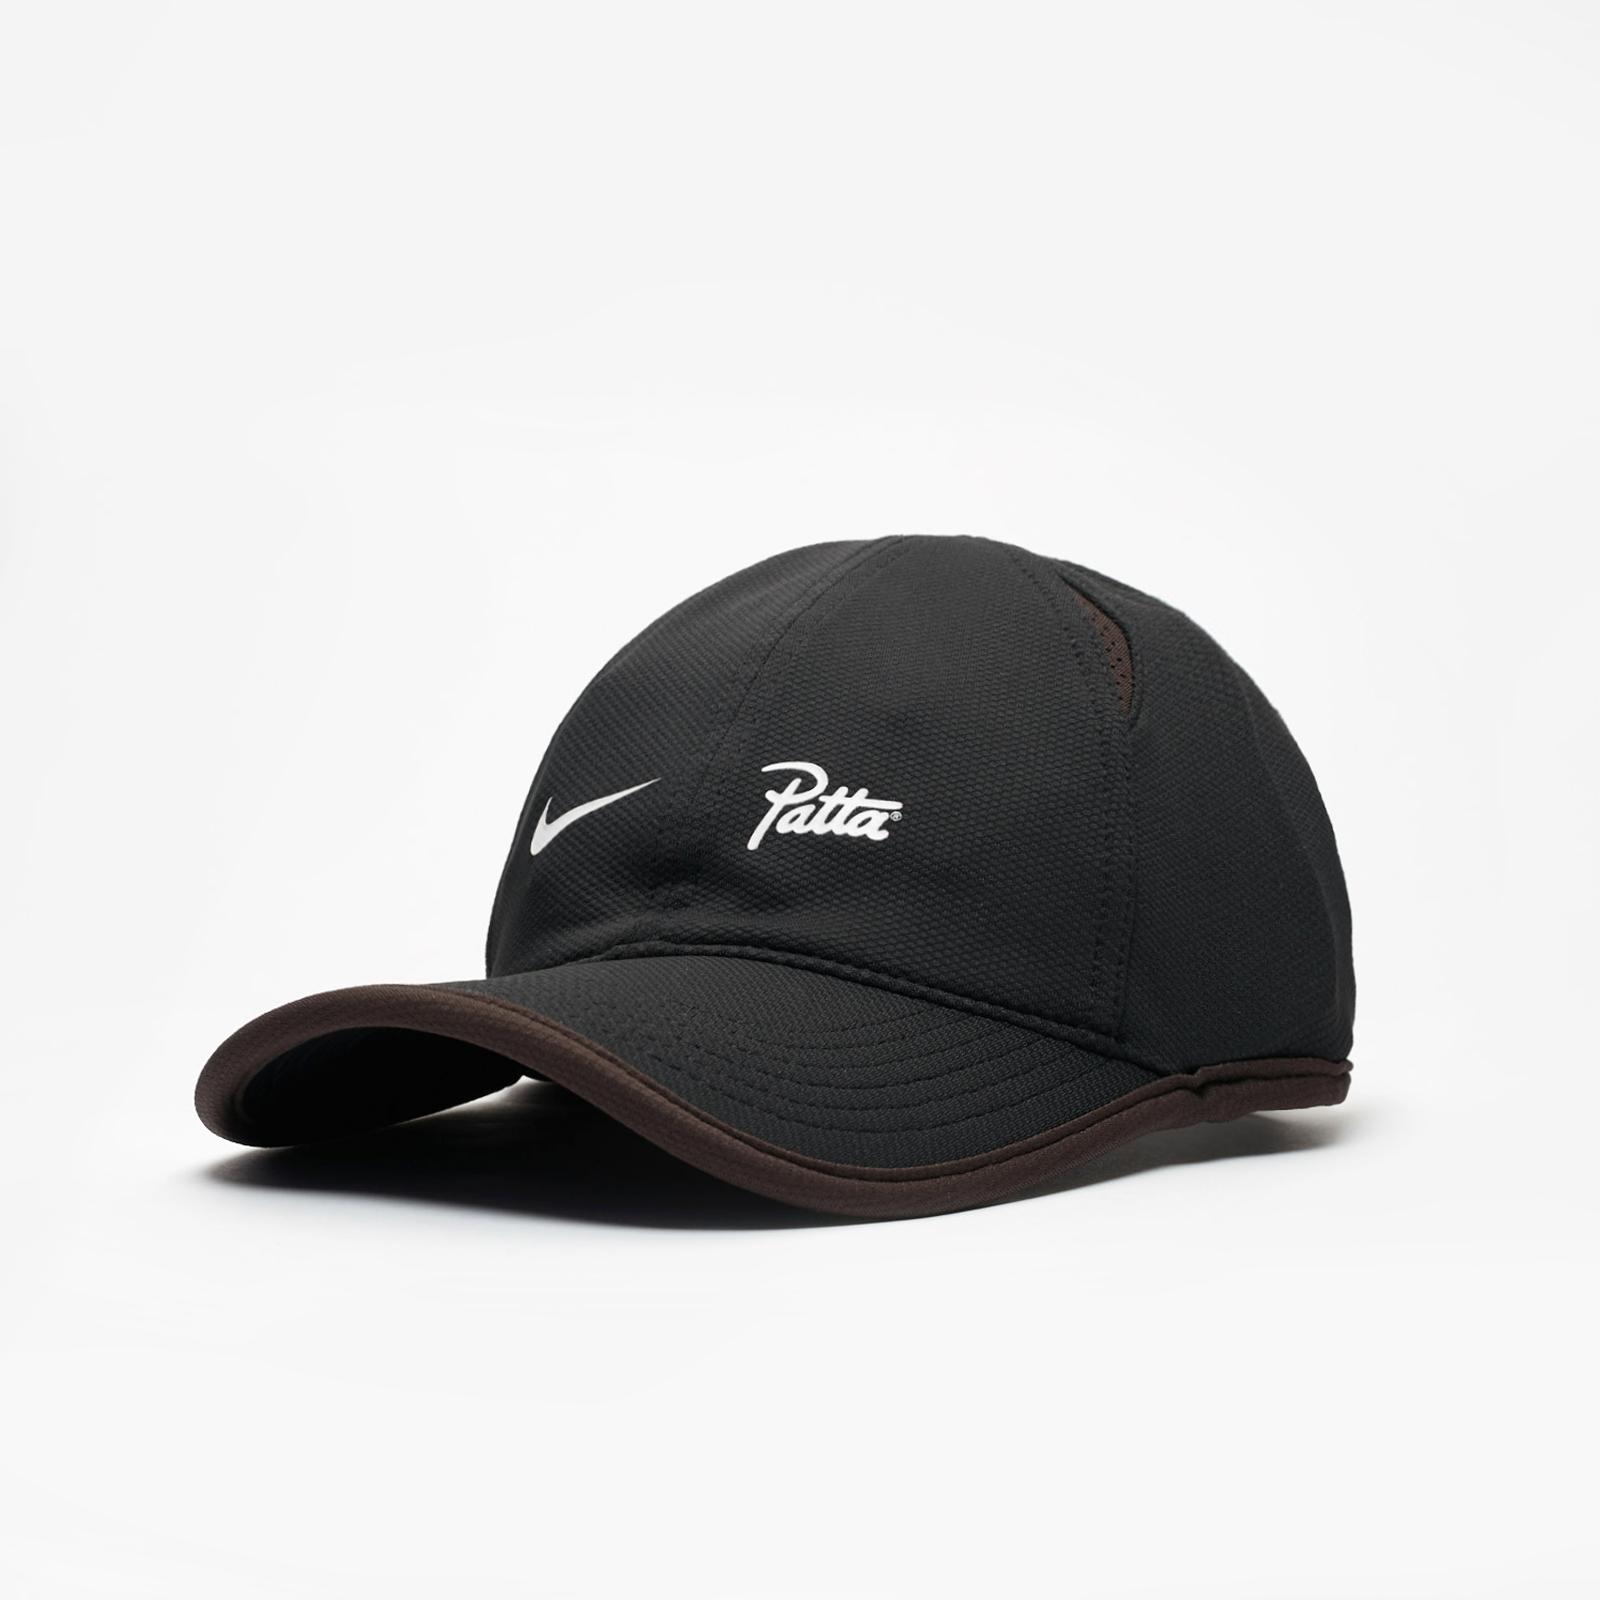 a0257fbca6 Nike U Nk Arobill Cap X Patta Fthl - Aj0914-010 - Sneakersnstuff ...